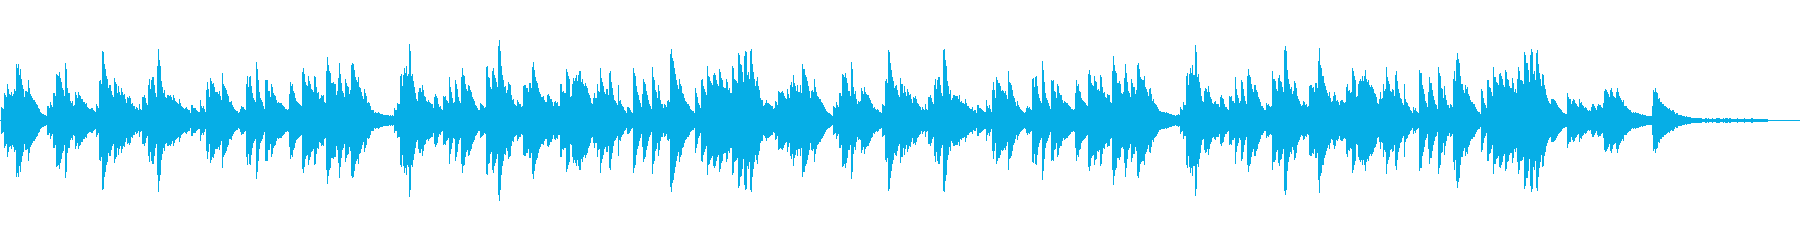 優しい雰囲気のピアノソロ テンポ速めの再生済みの波形